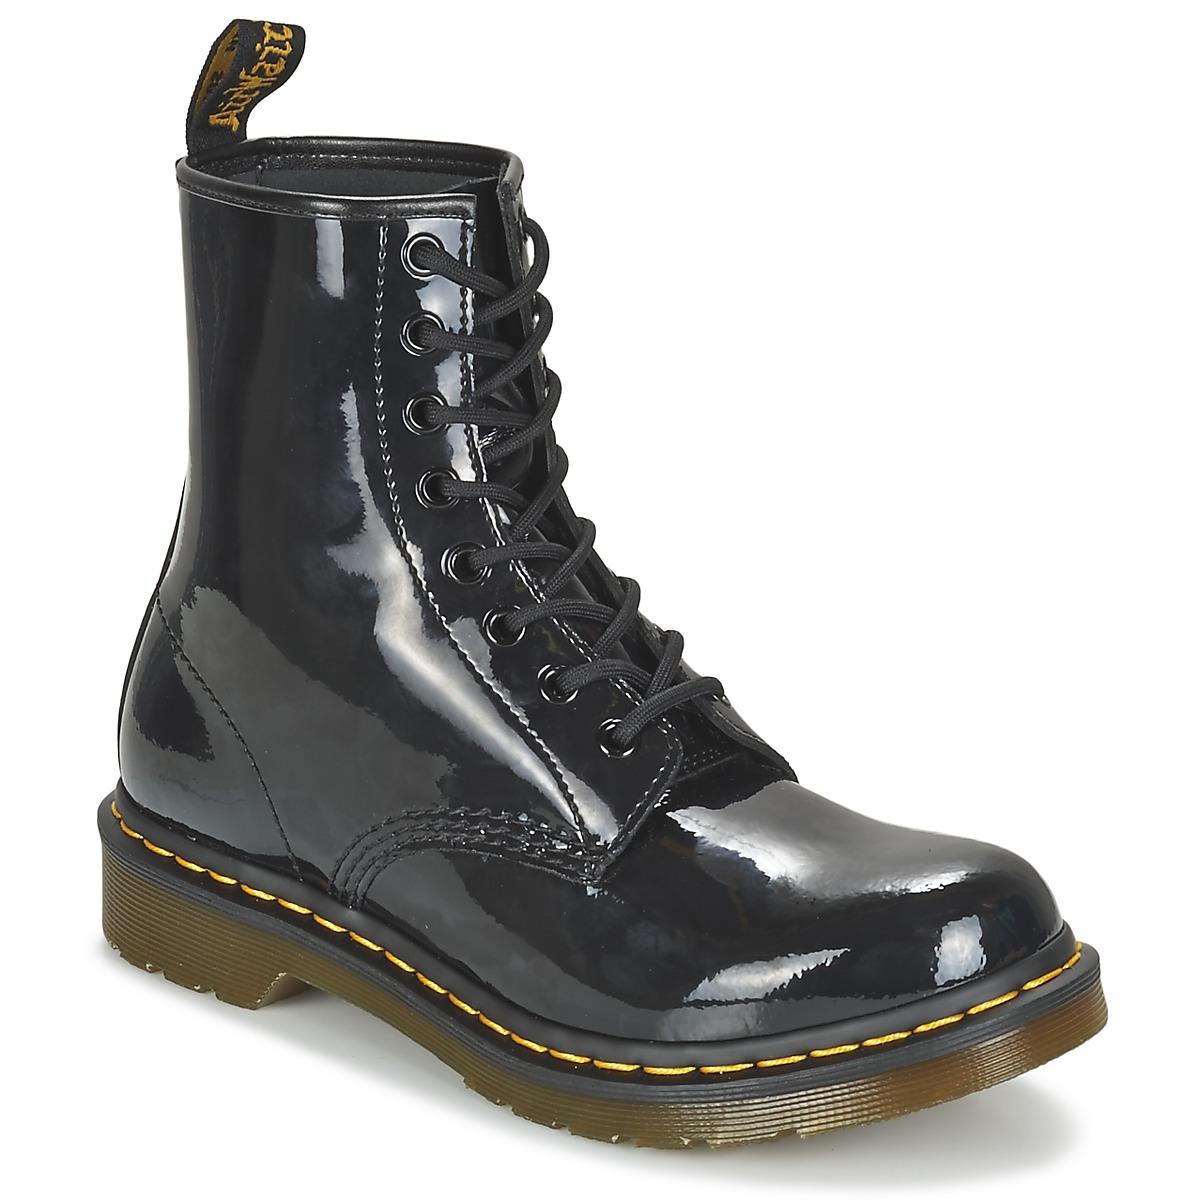 3d44a47e8bda Chaussures Femme Boots Dr Martens 1460 W Noir